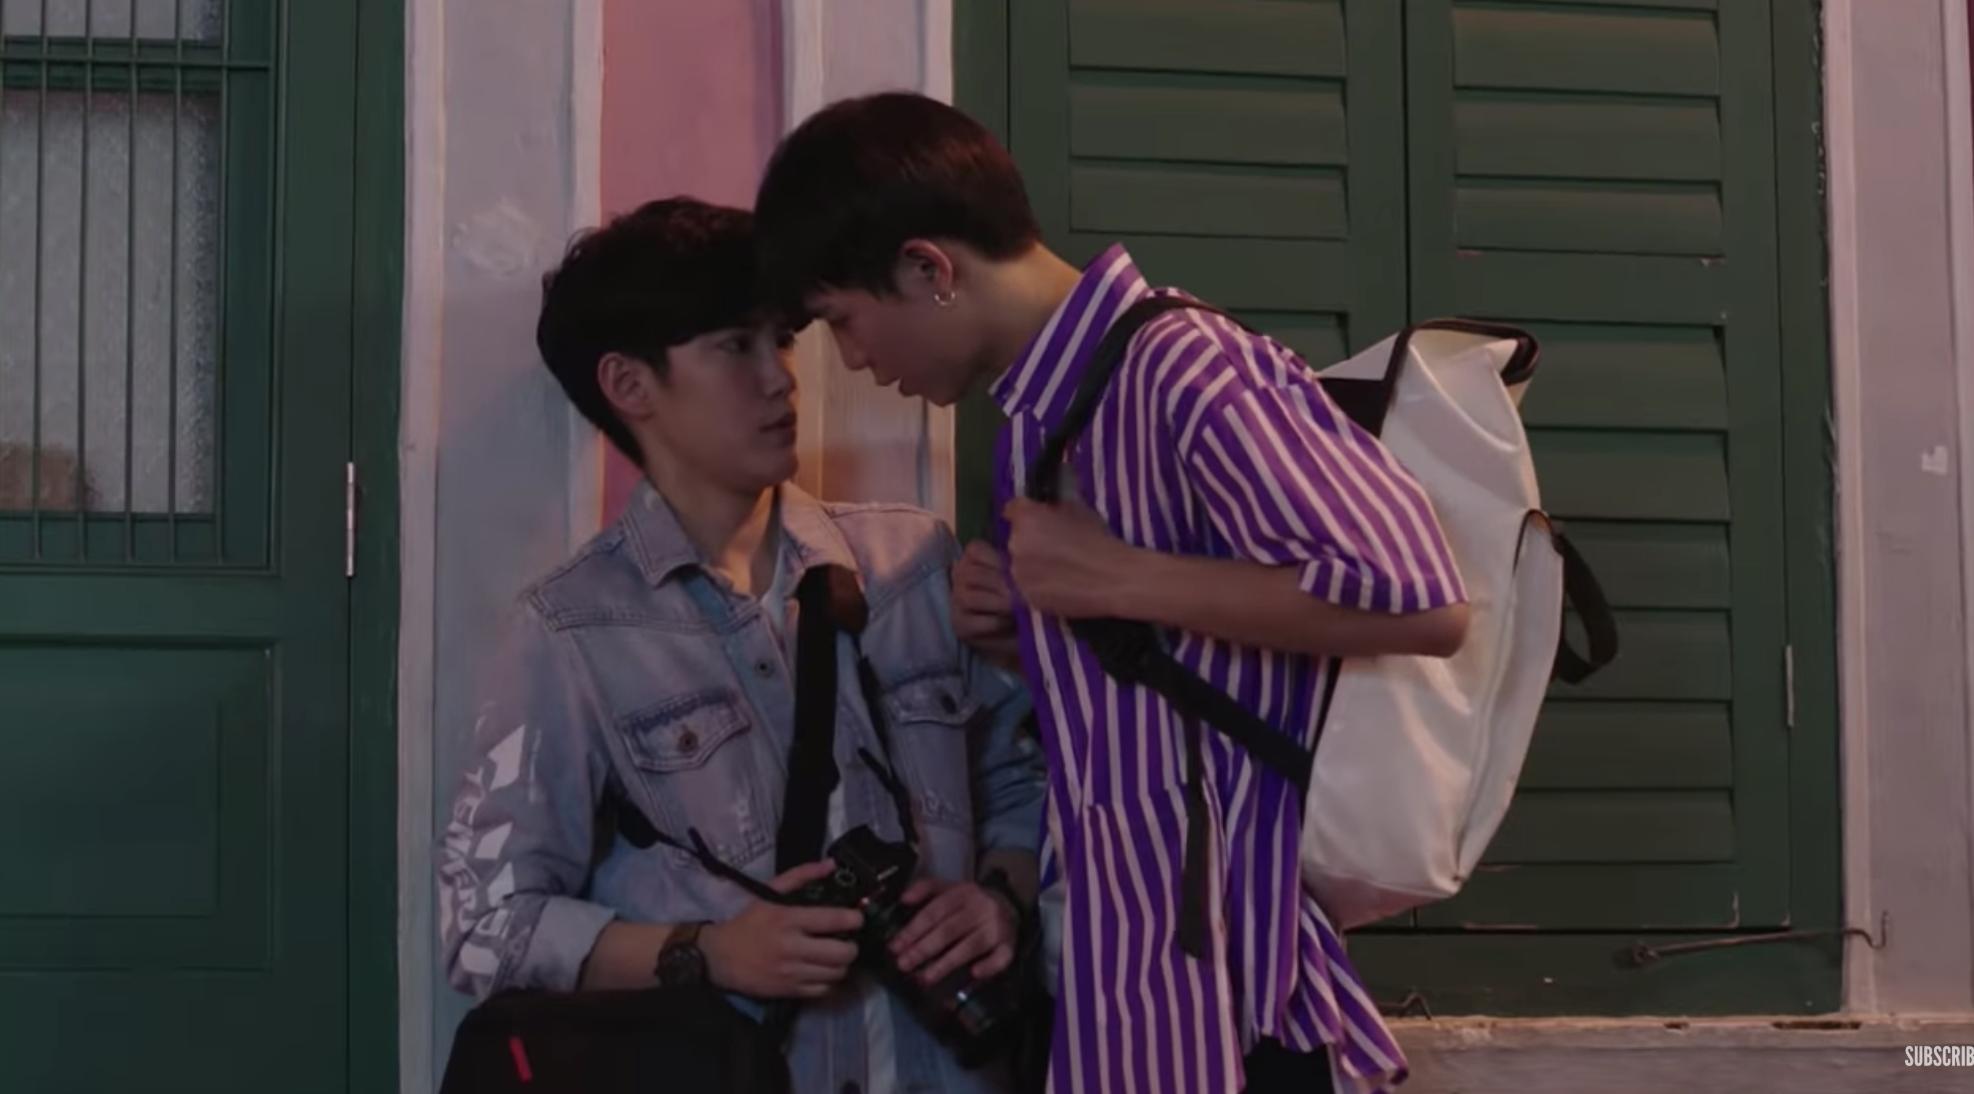 Jun Vũ bất ngờ xuất hiện liếc mắt đưa tình với HLV gốc Việt của The Face trong trailer phim Thái - Ảnh 8.